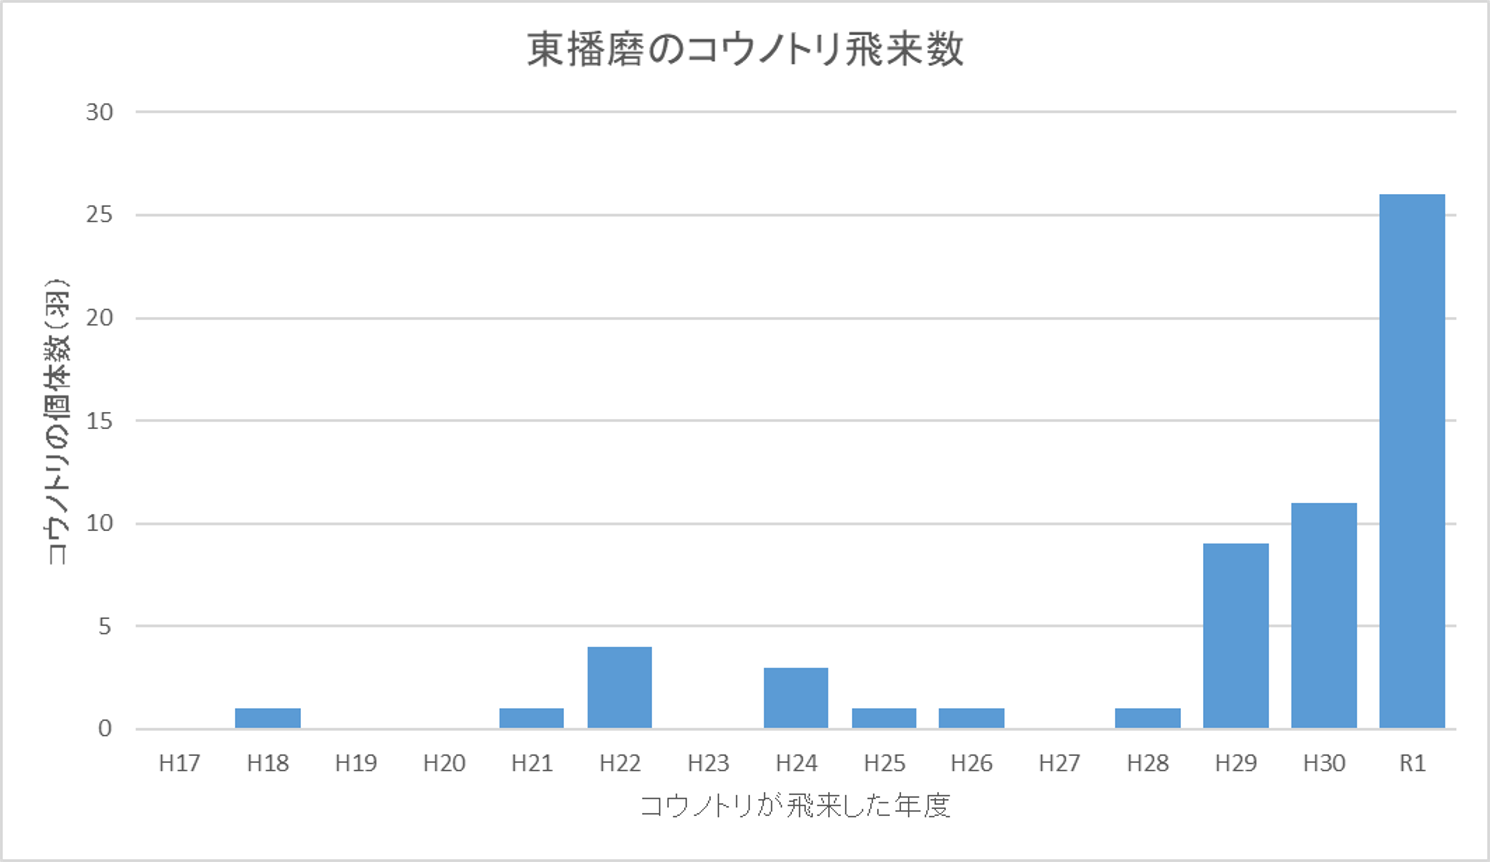 R1年度までの期間に東播磨へ飛来したコウノトリのうち写真で足輪が確認できた個体数